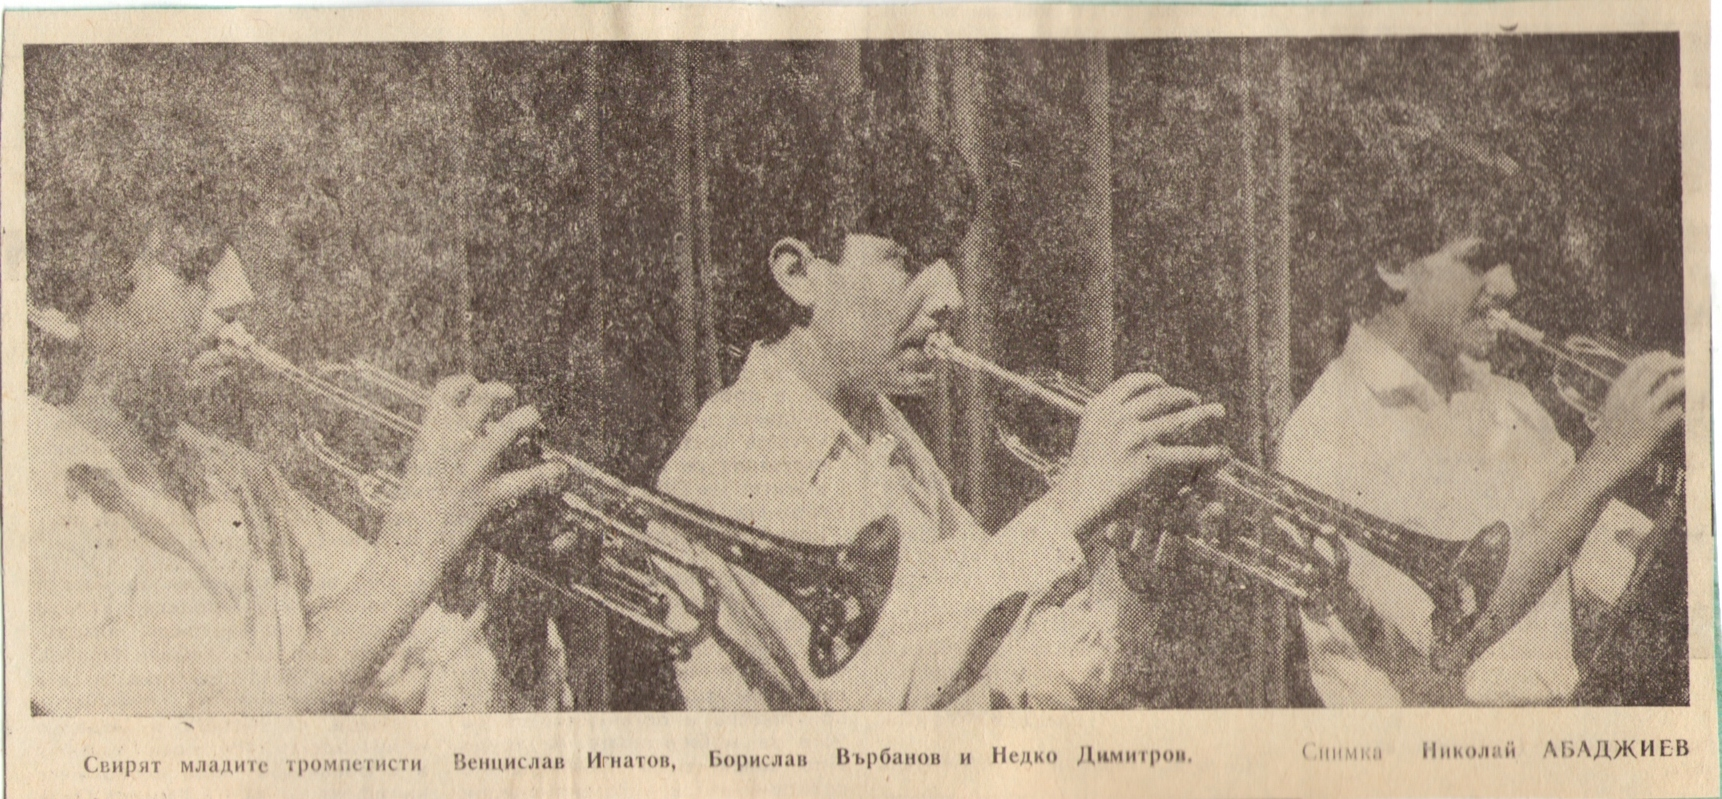 http://image.nauka.bg/kul/music/19.jpg